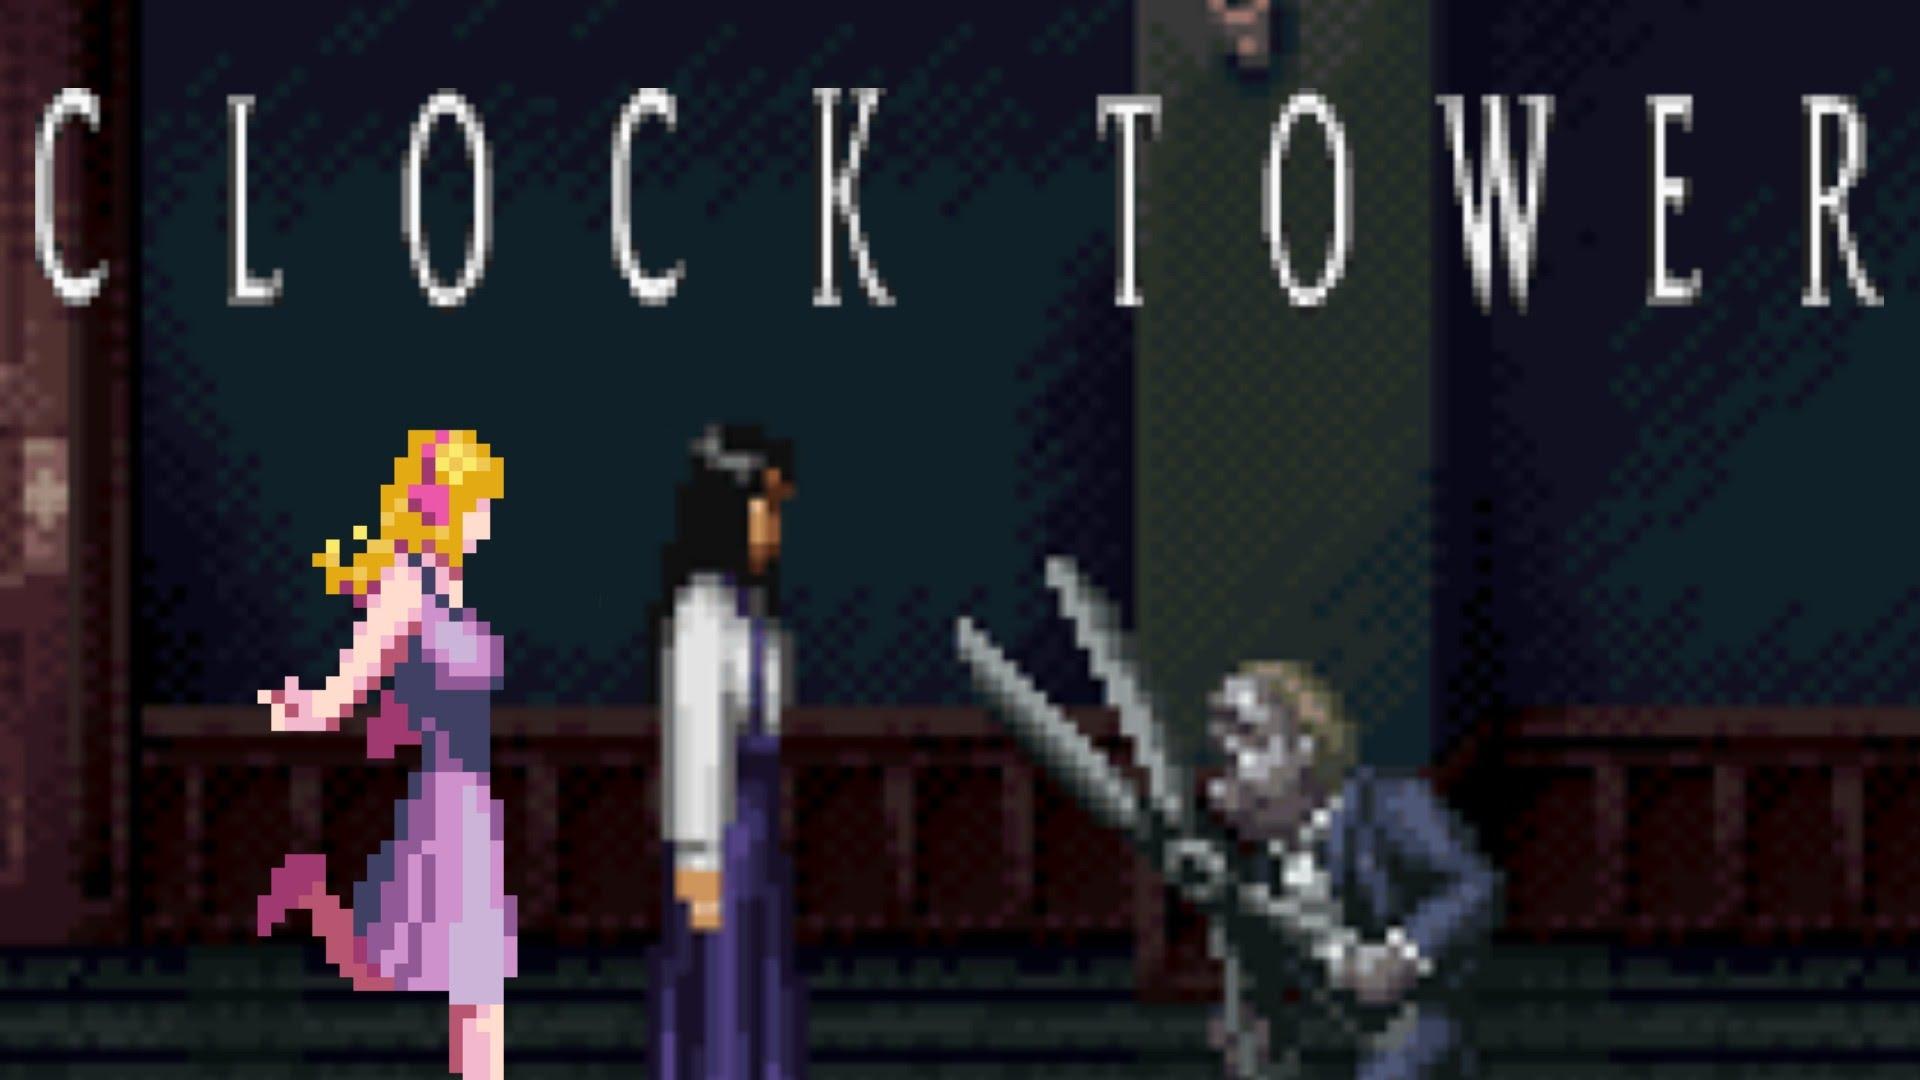 clock tower br snes emulator